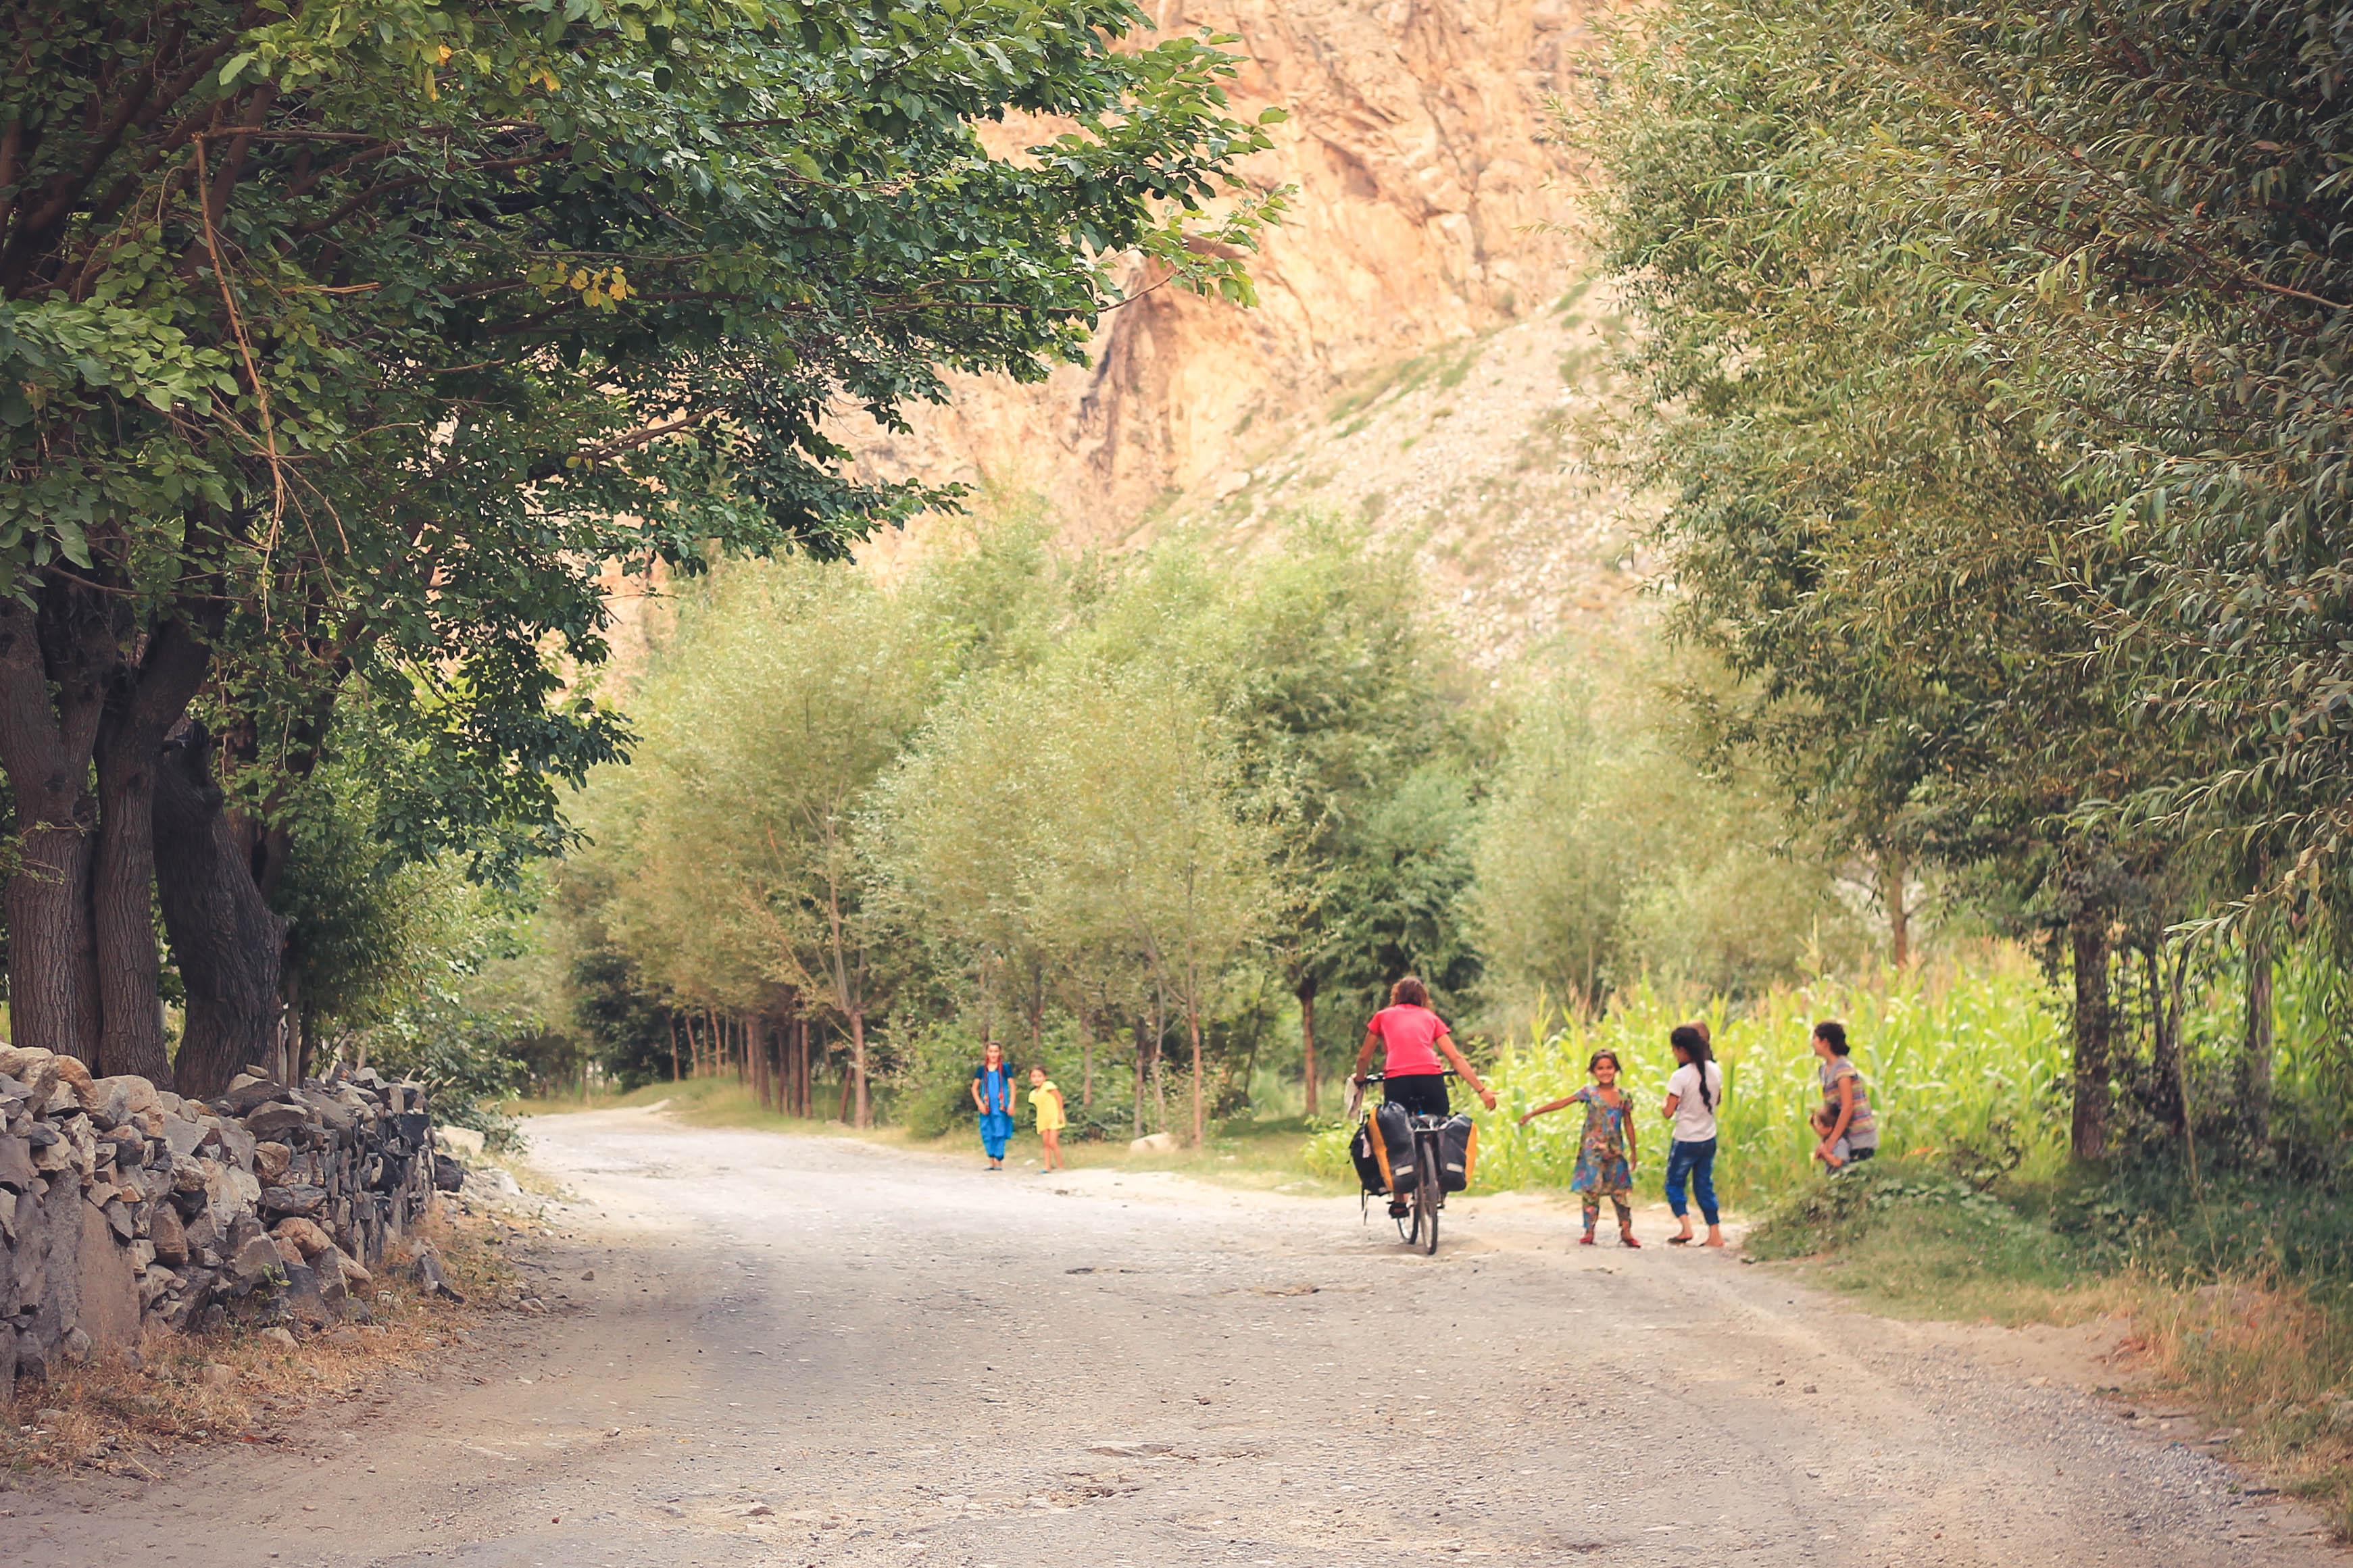 Jadąc na południe w stronę Iszkaszim jest bardzo dużo wsi i jeszcze więcej niesłychanie miłych dzieciaków.